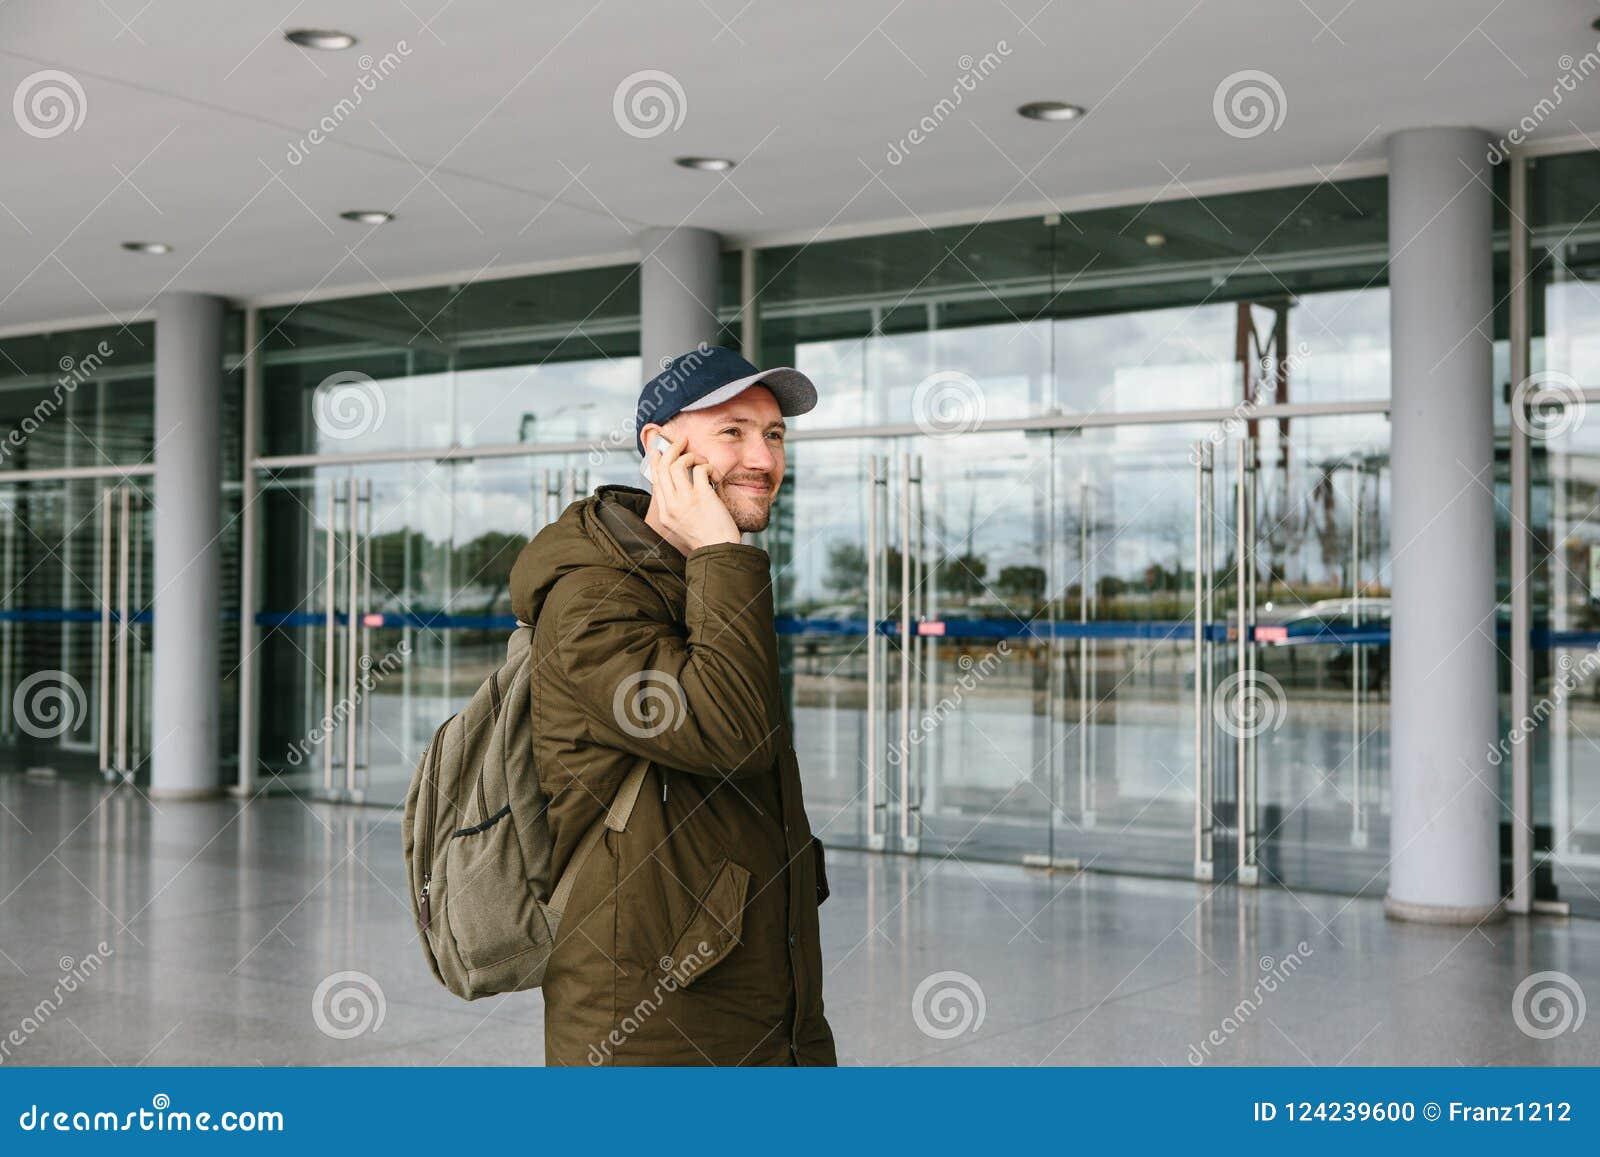 Ein junger männlicher Tourist am Flughafen oder nahe einem Einkaufszentrum oder einer Station ruft ein Taxi oder spricht an einem